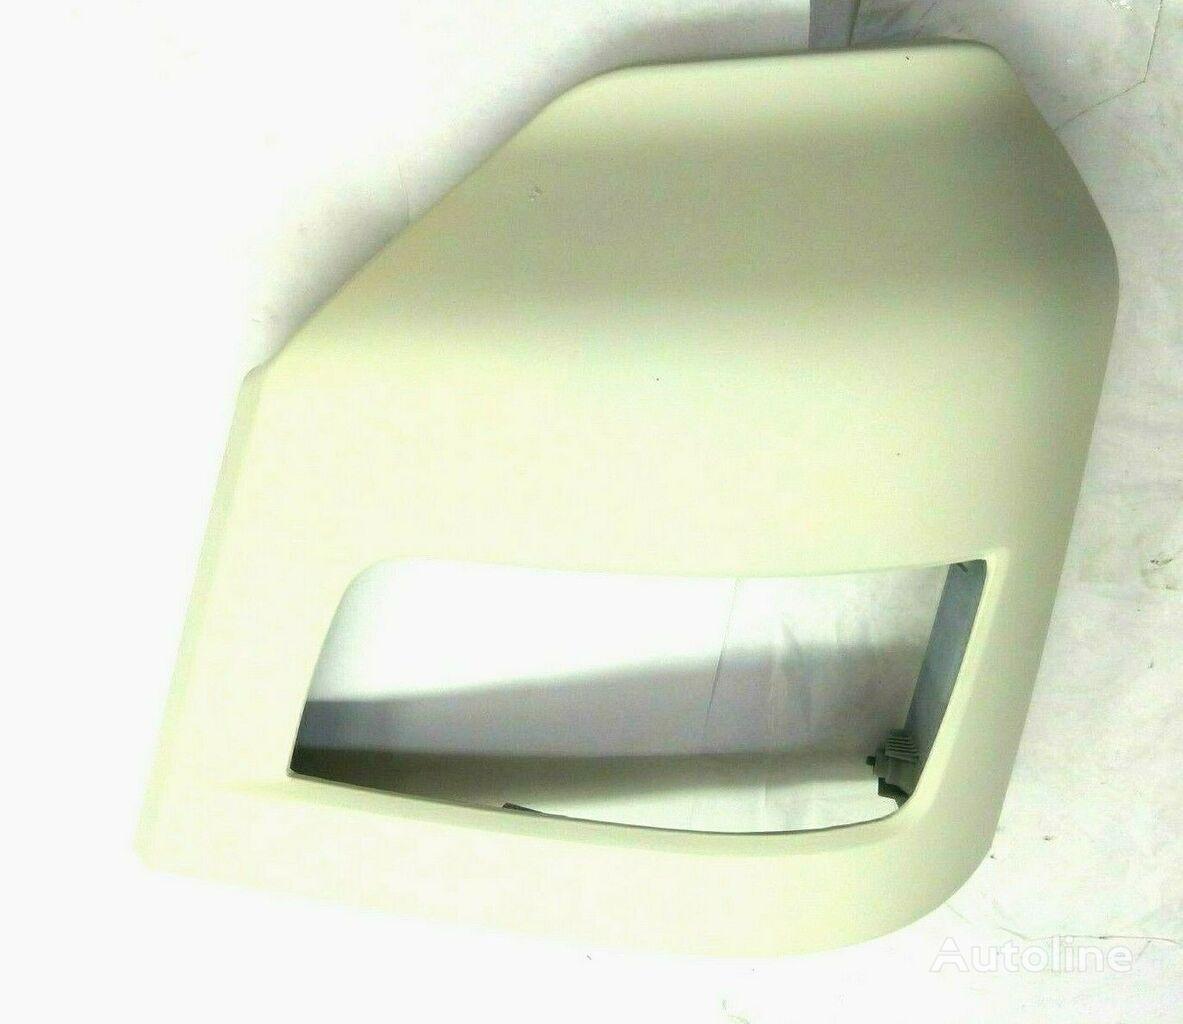 new Scheinwerfer-Abdeckung Weiss Grundiert Links passend (81416106753) front fascia for MAN TGX truck